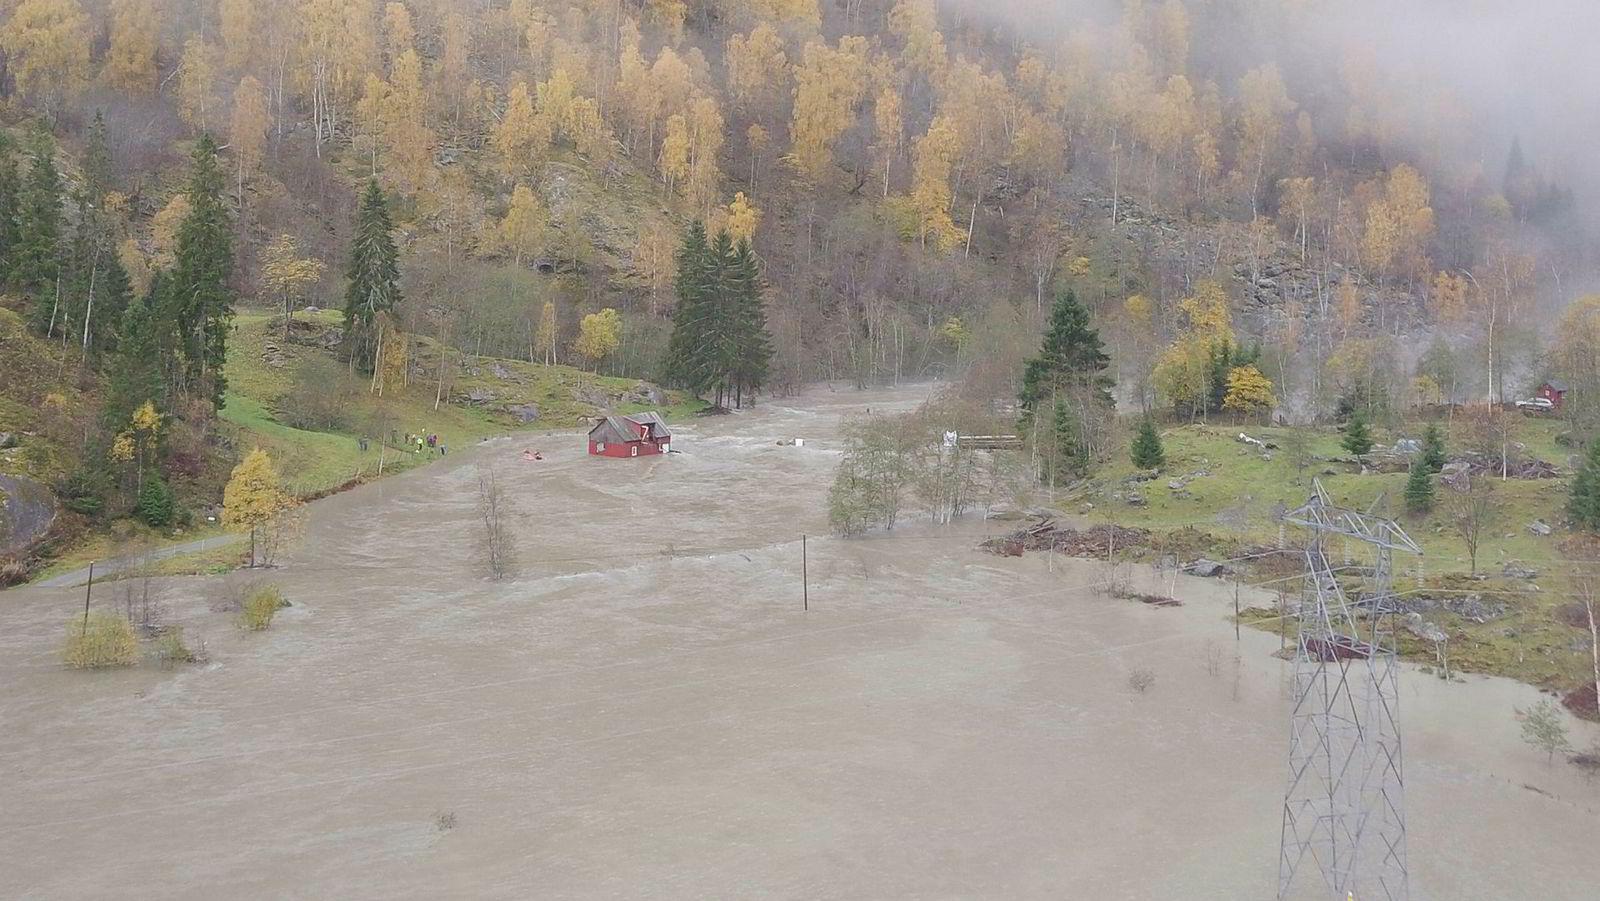 Et fjøs med 13 gjeiter er blitt skylt 50 meter ned elva av vannmassene i Luster i Sogn og Fjordane.